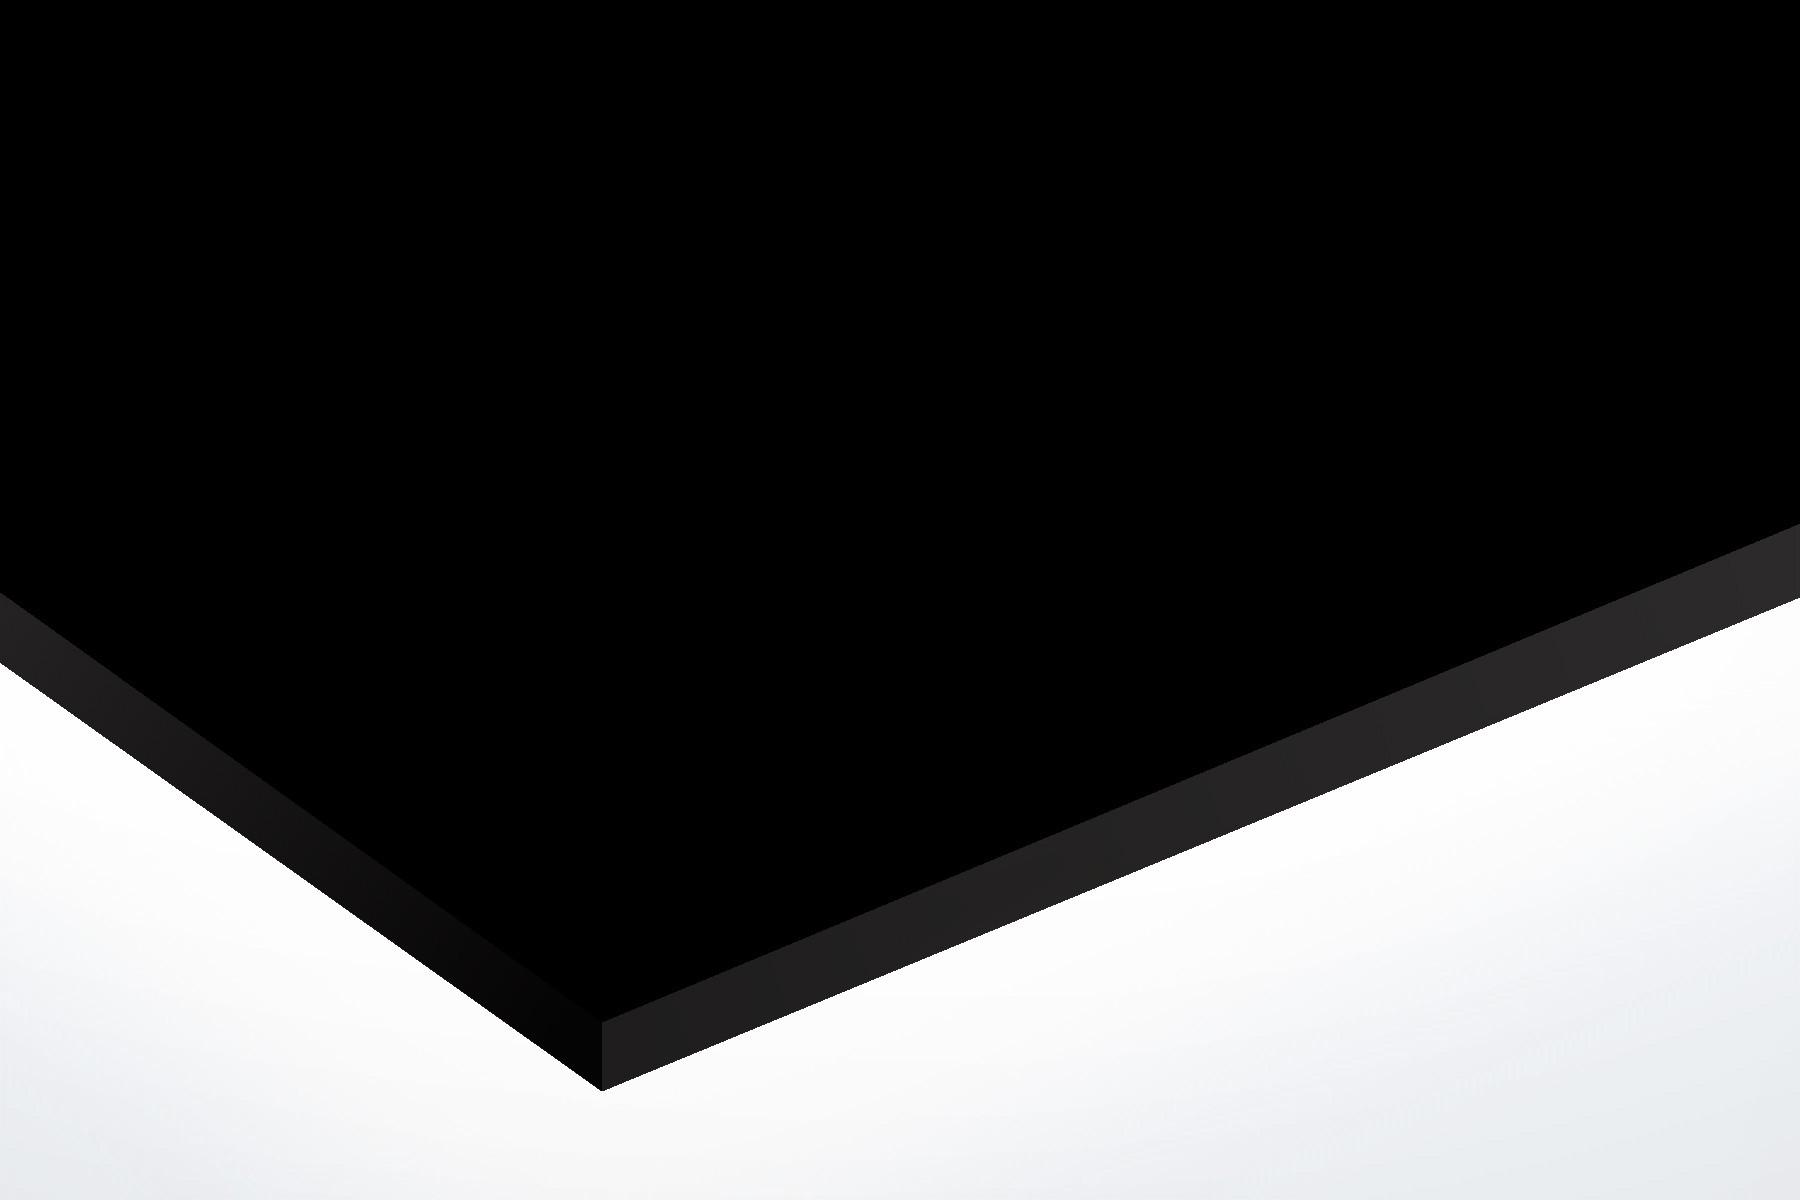 Anodised Aluminium Black, Matt, 1mm x 1000mm x 500mm